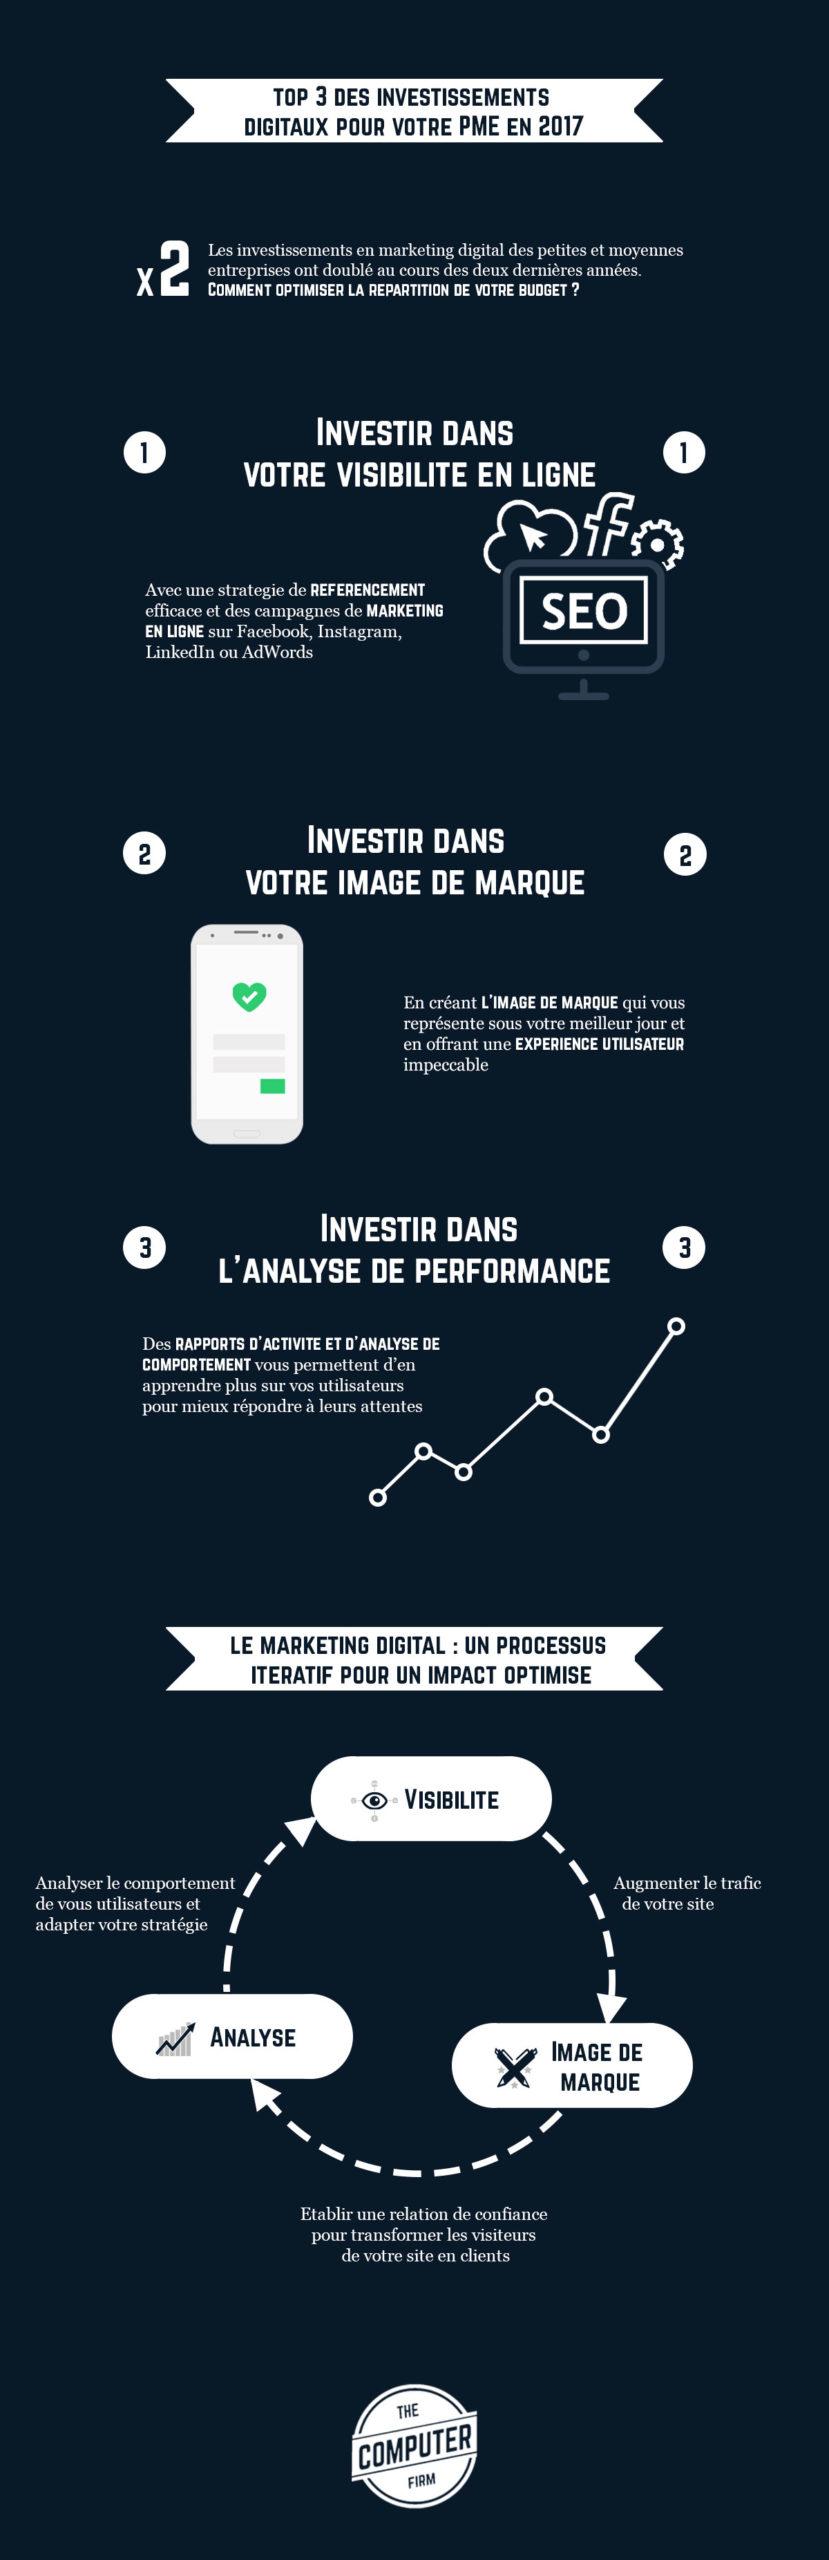 La présence digitale d'une entreprise est un atout pour une entreprise. Voici un top 3 investissements digitaux pour augmenter vos profits